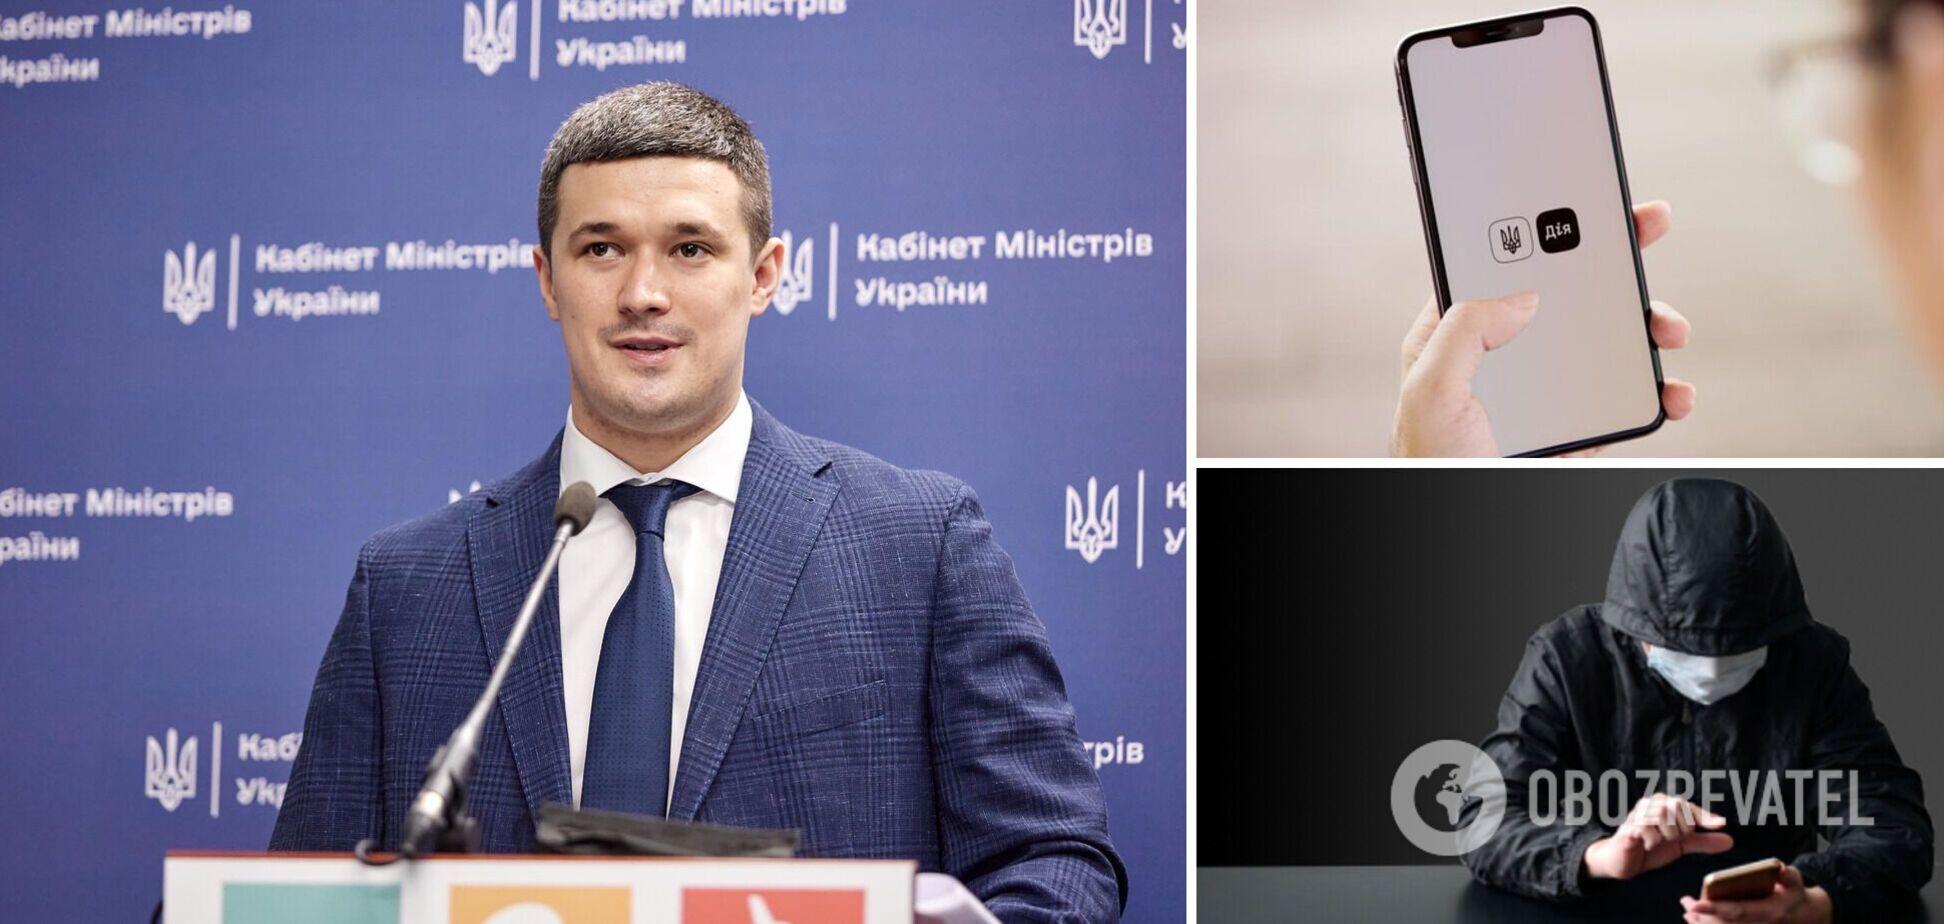 Федоров рассказал, как аферисты могут оформить кредит через Дію